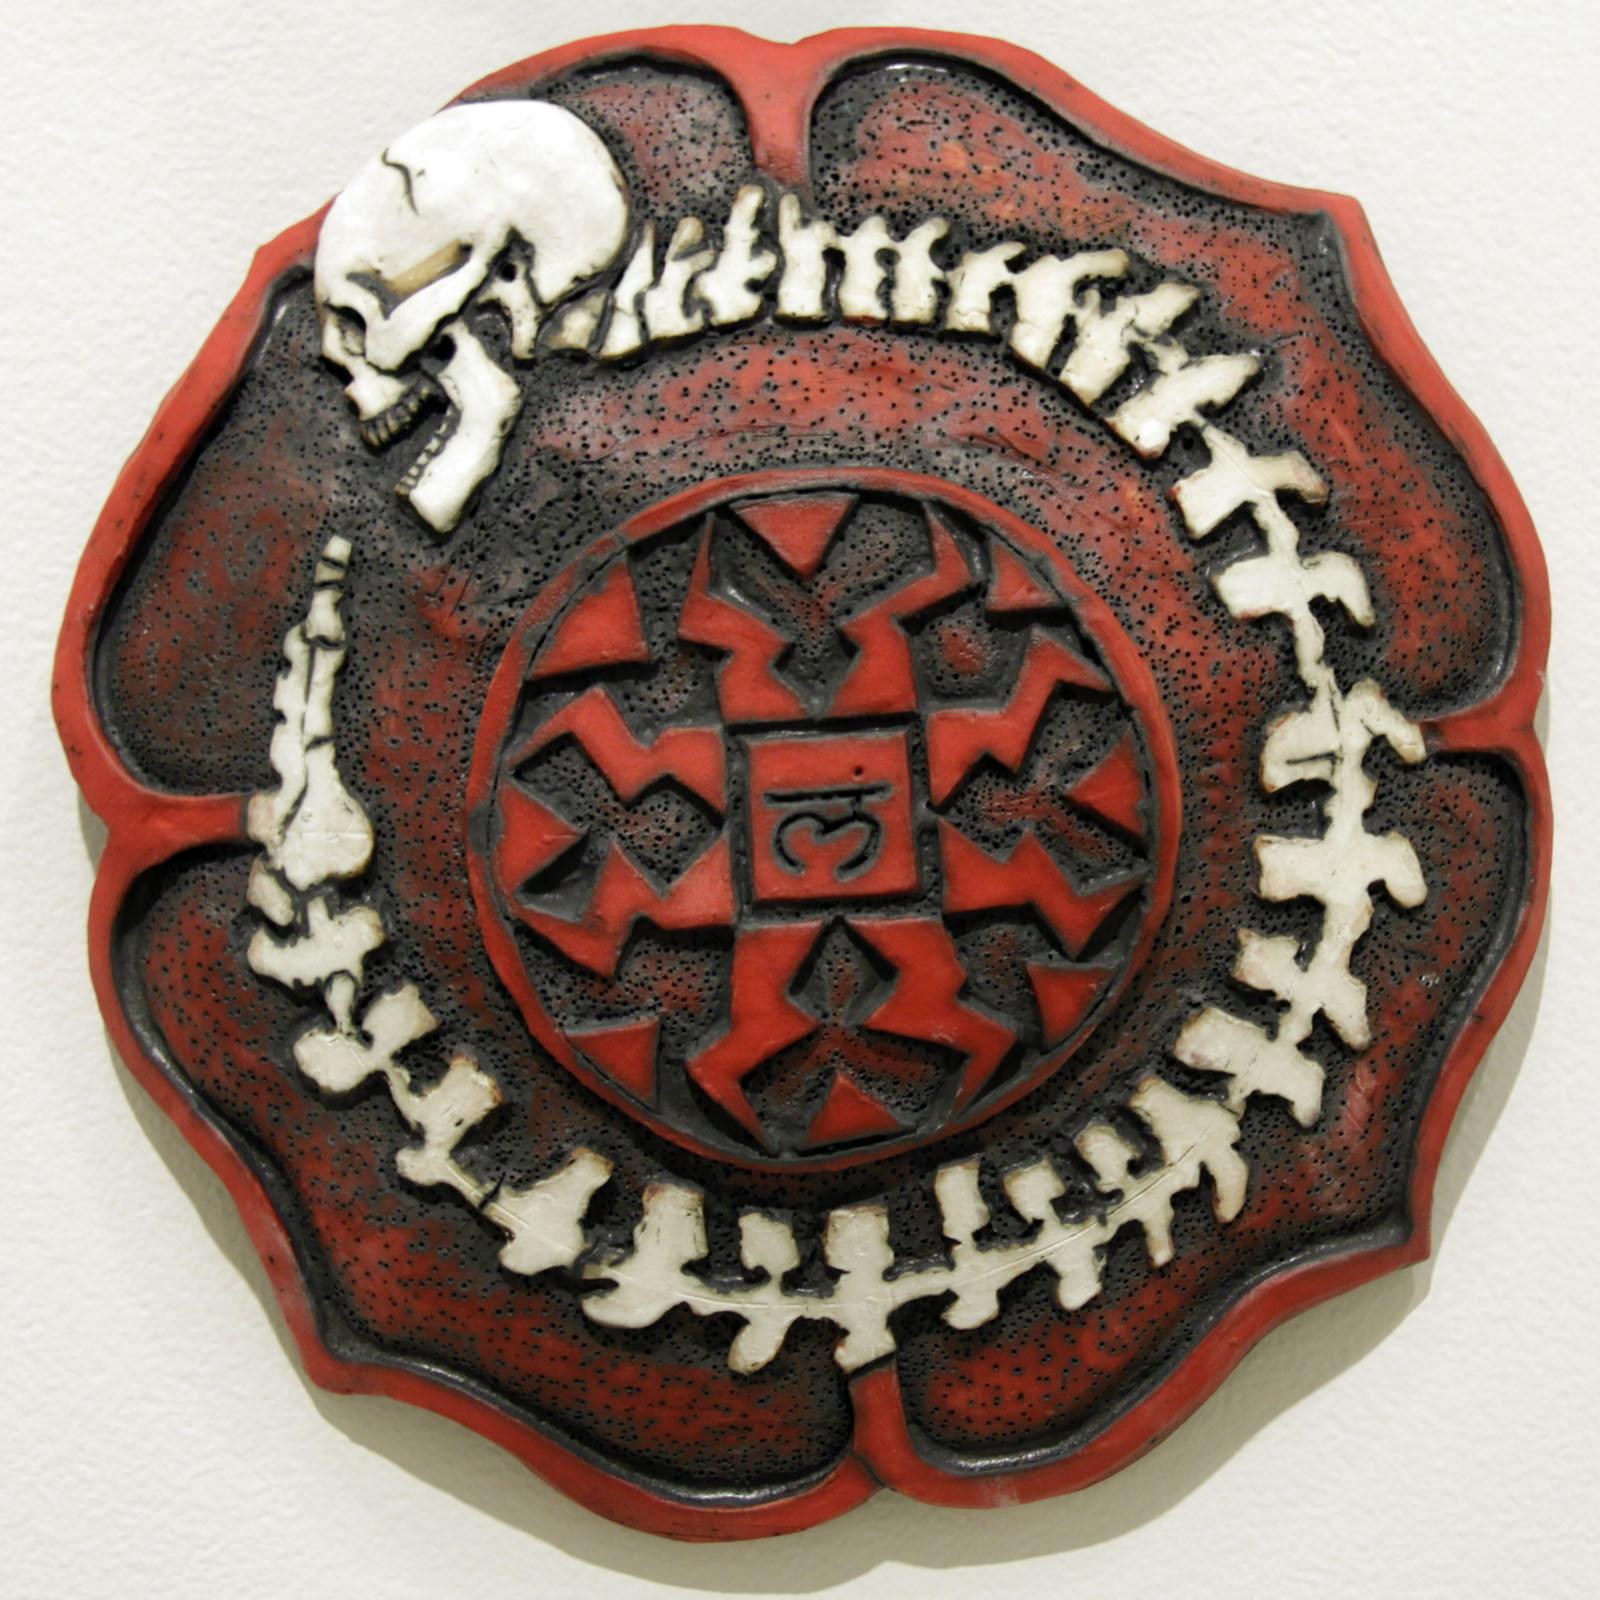 Muladhara   12 inches in diameter / ceramic and acrylic